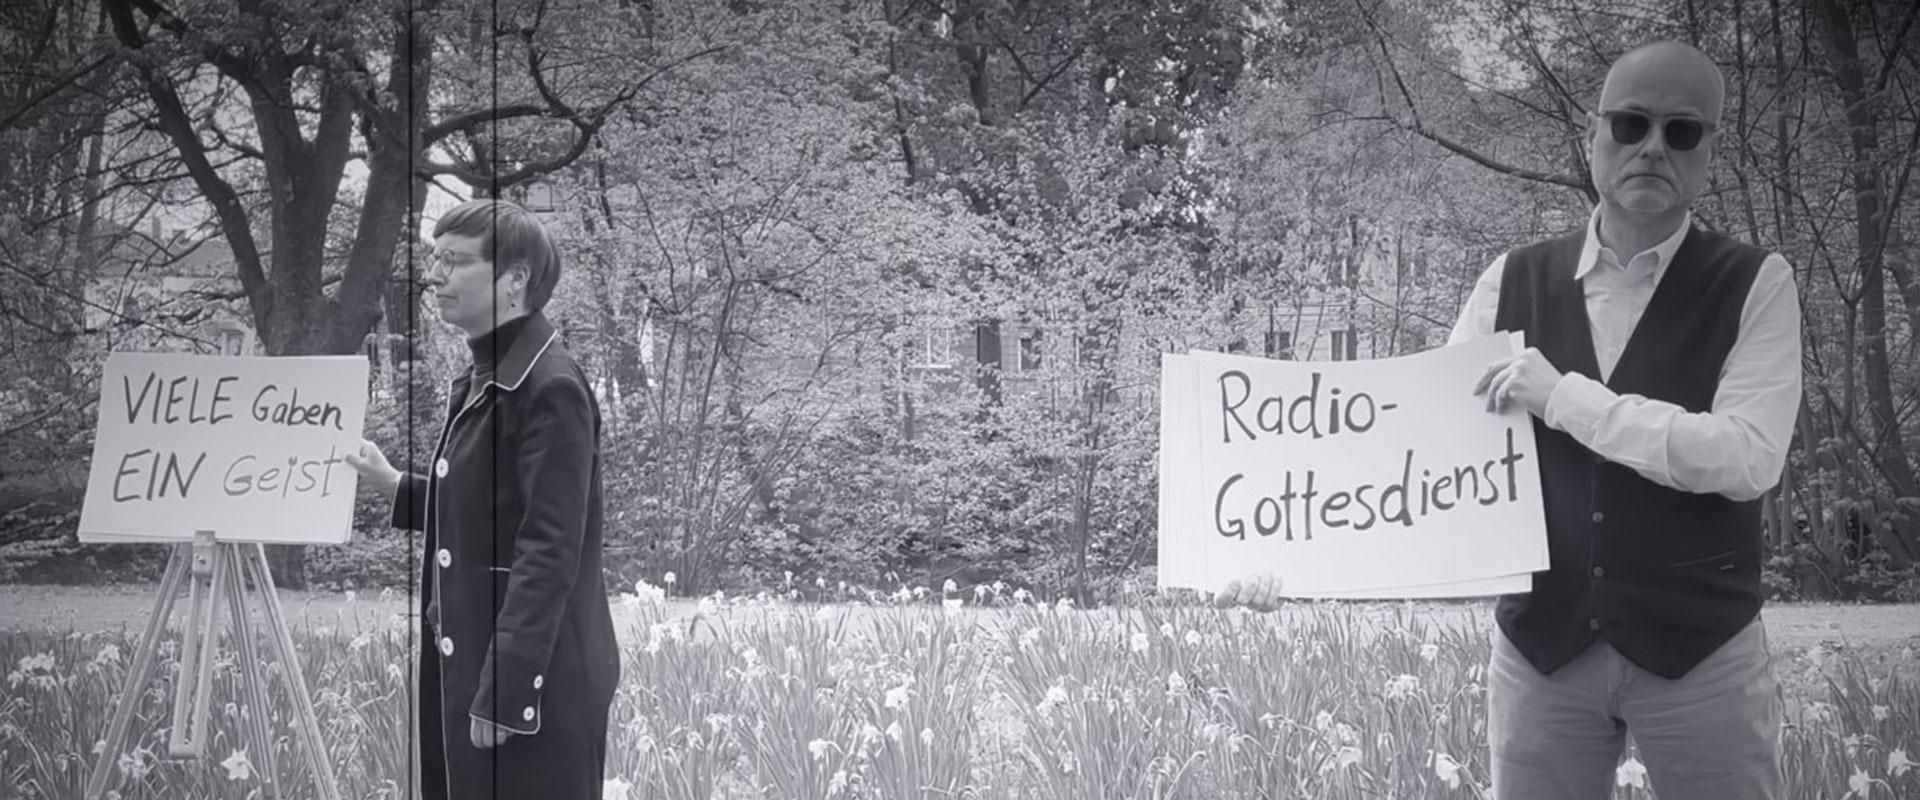 Filmstill zum Radiogottesdienst am 24.5.2021 im DLF mit Pastorin Imke Schwarz und Pastor Dr. Matthias Surall, Film-Teaser: Oliver Vorwald, Hörfunkreferent und Radiopastor der Evangelischen Kirche im NDR